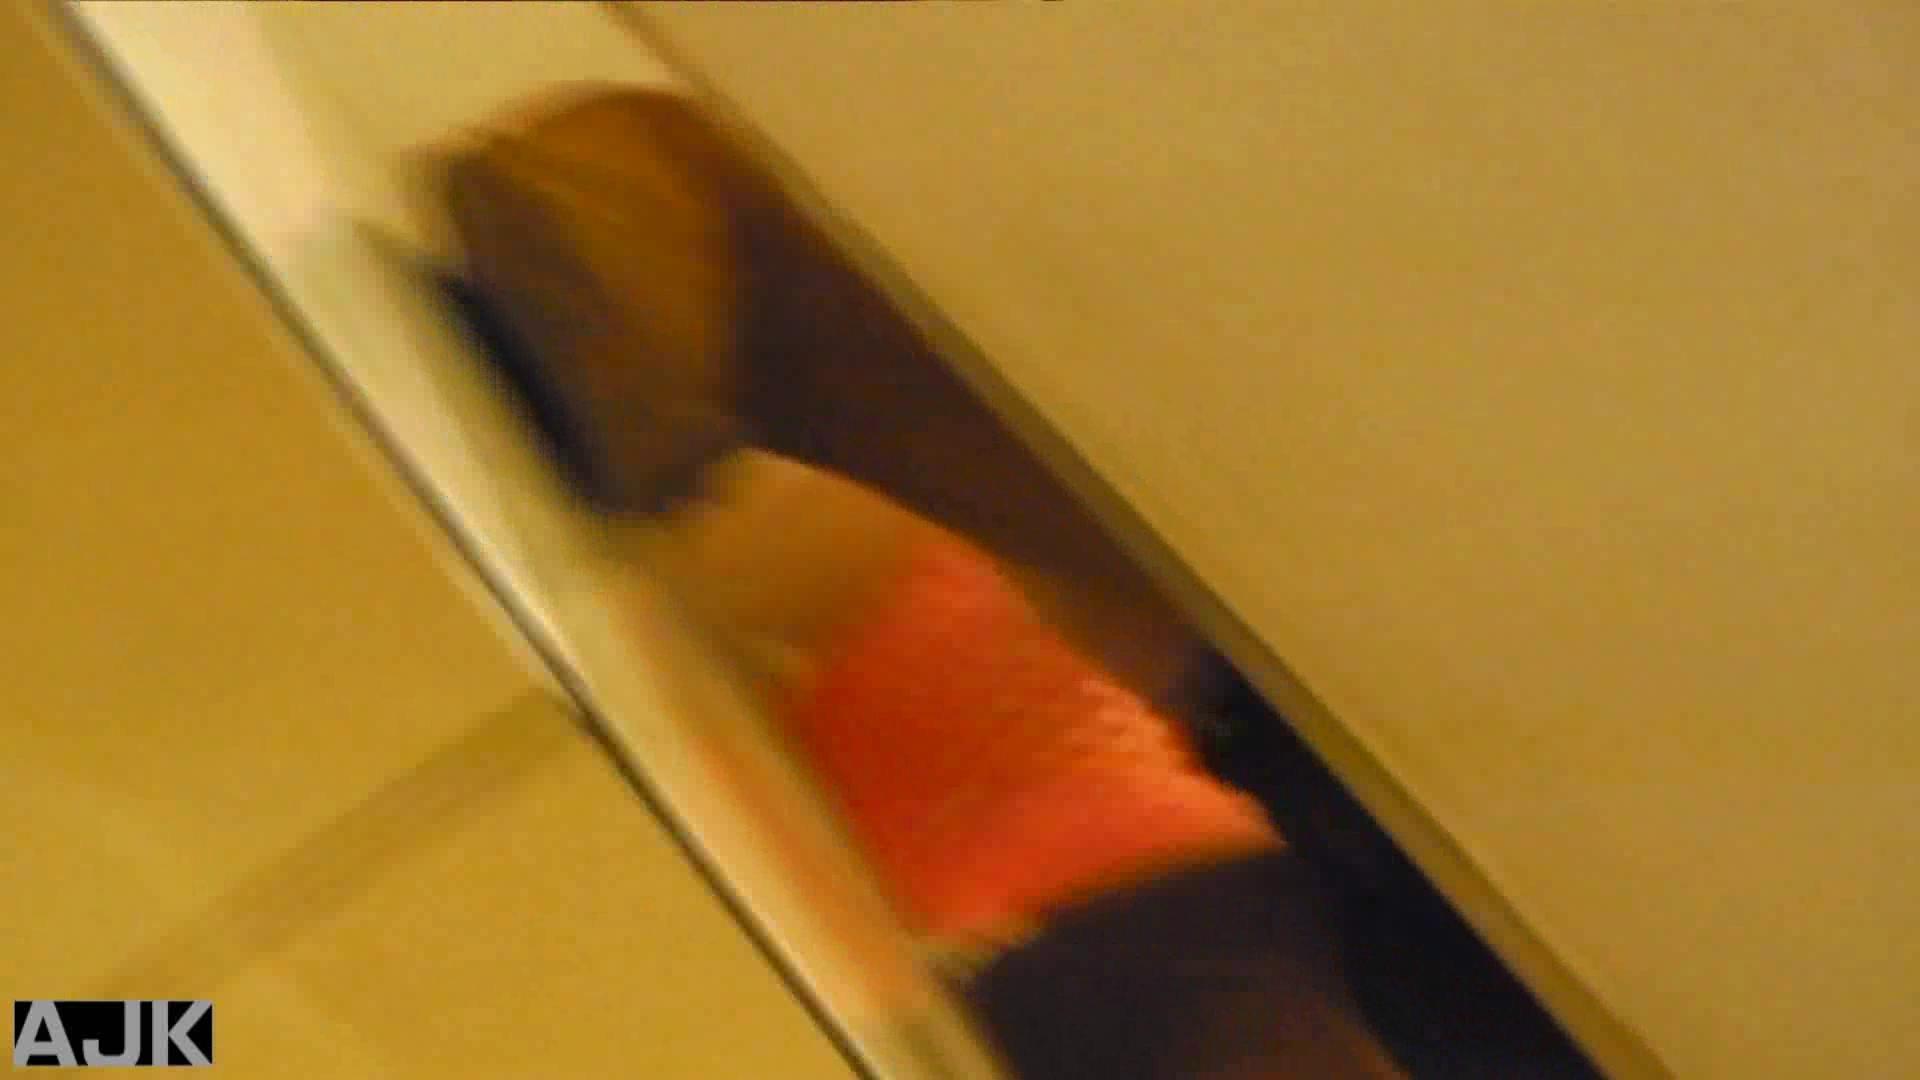 隣国上階級エリアの令嬢たちが集うデパートお手洗い Vol.27 OLの実態   お手洗い  35pic 1